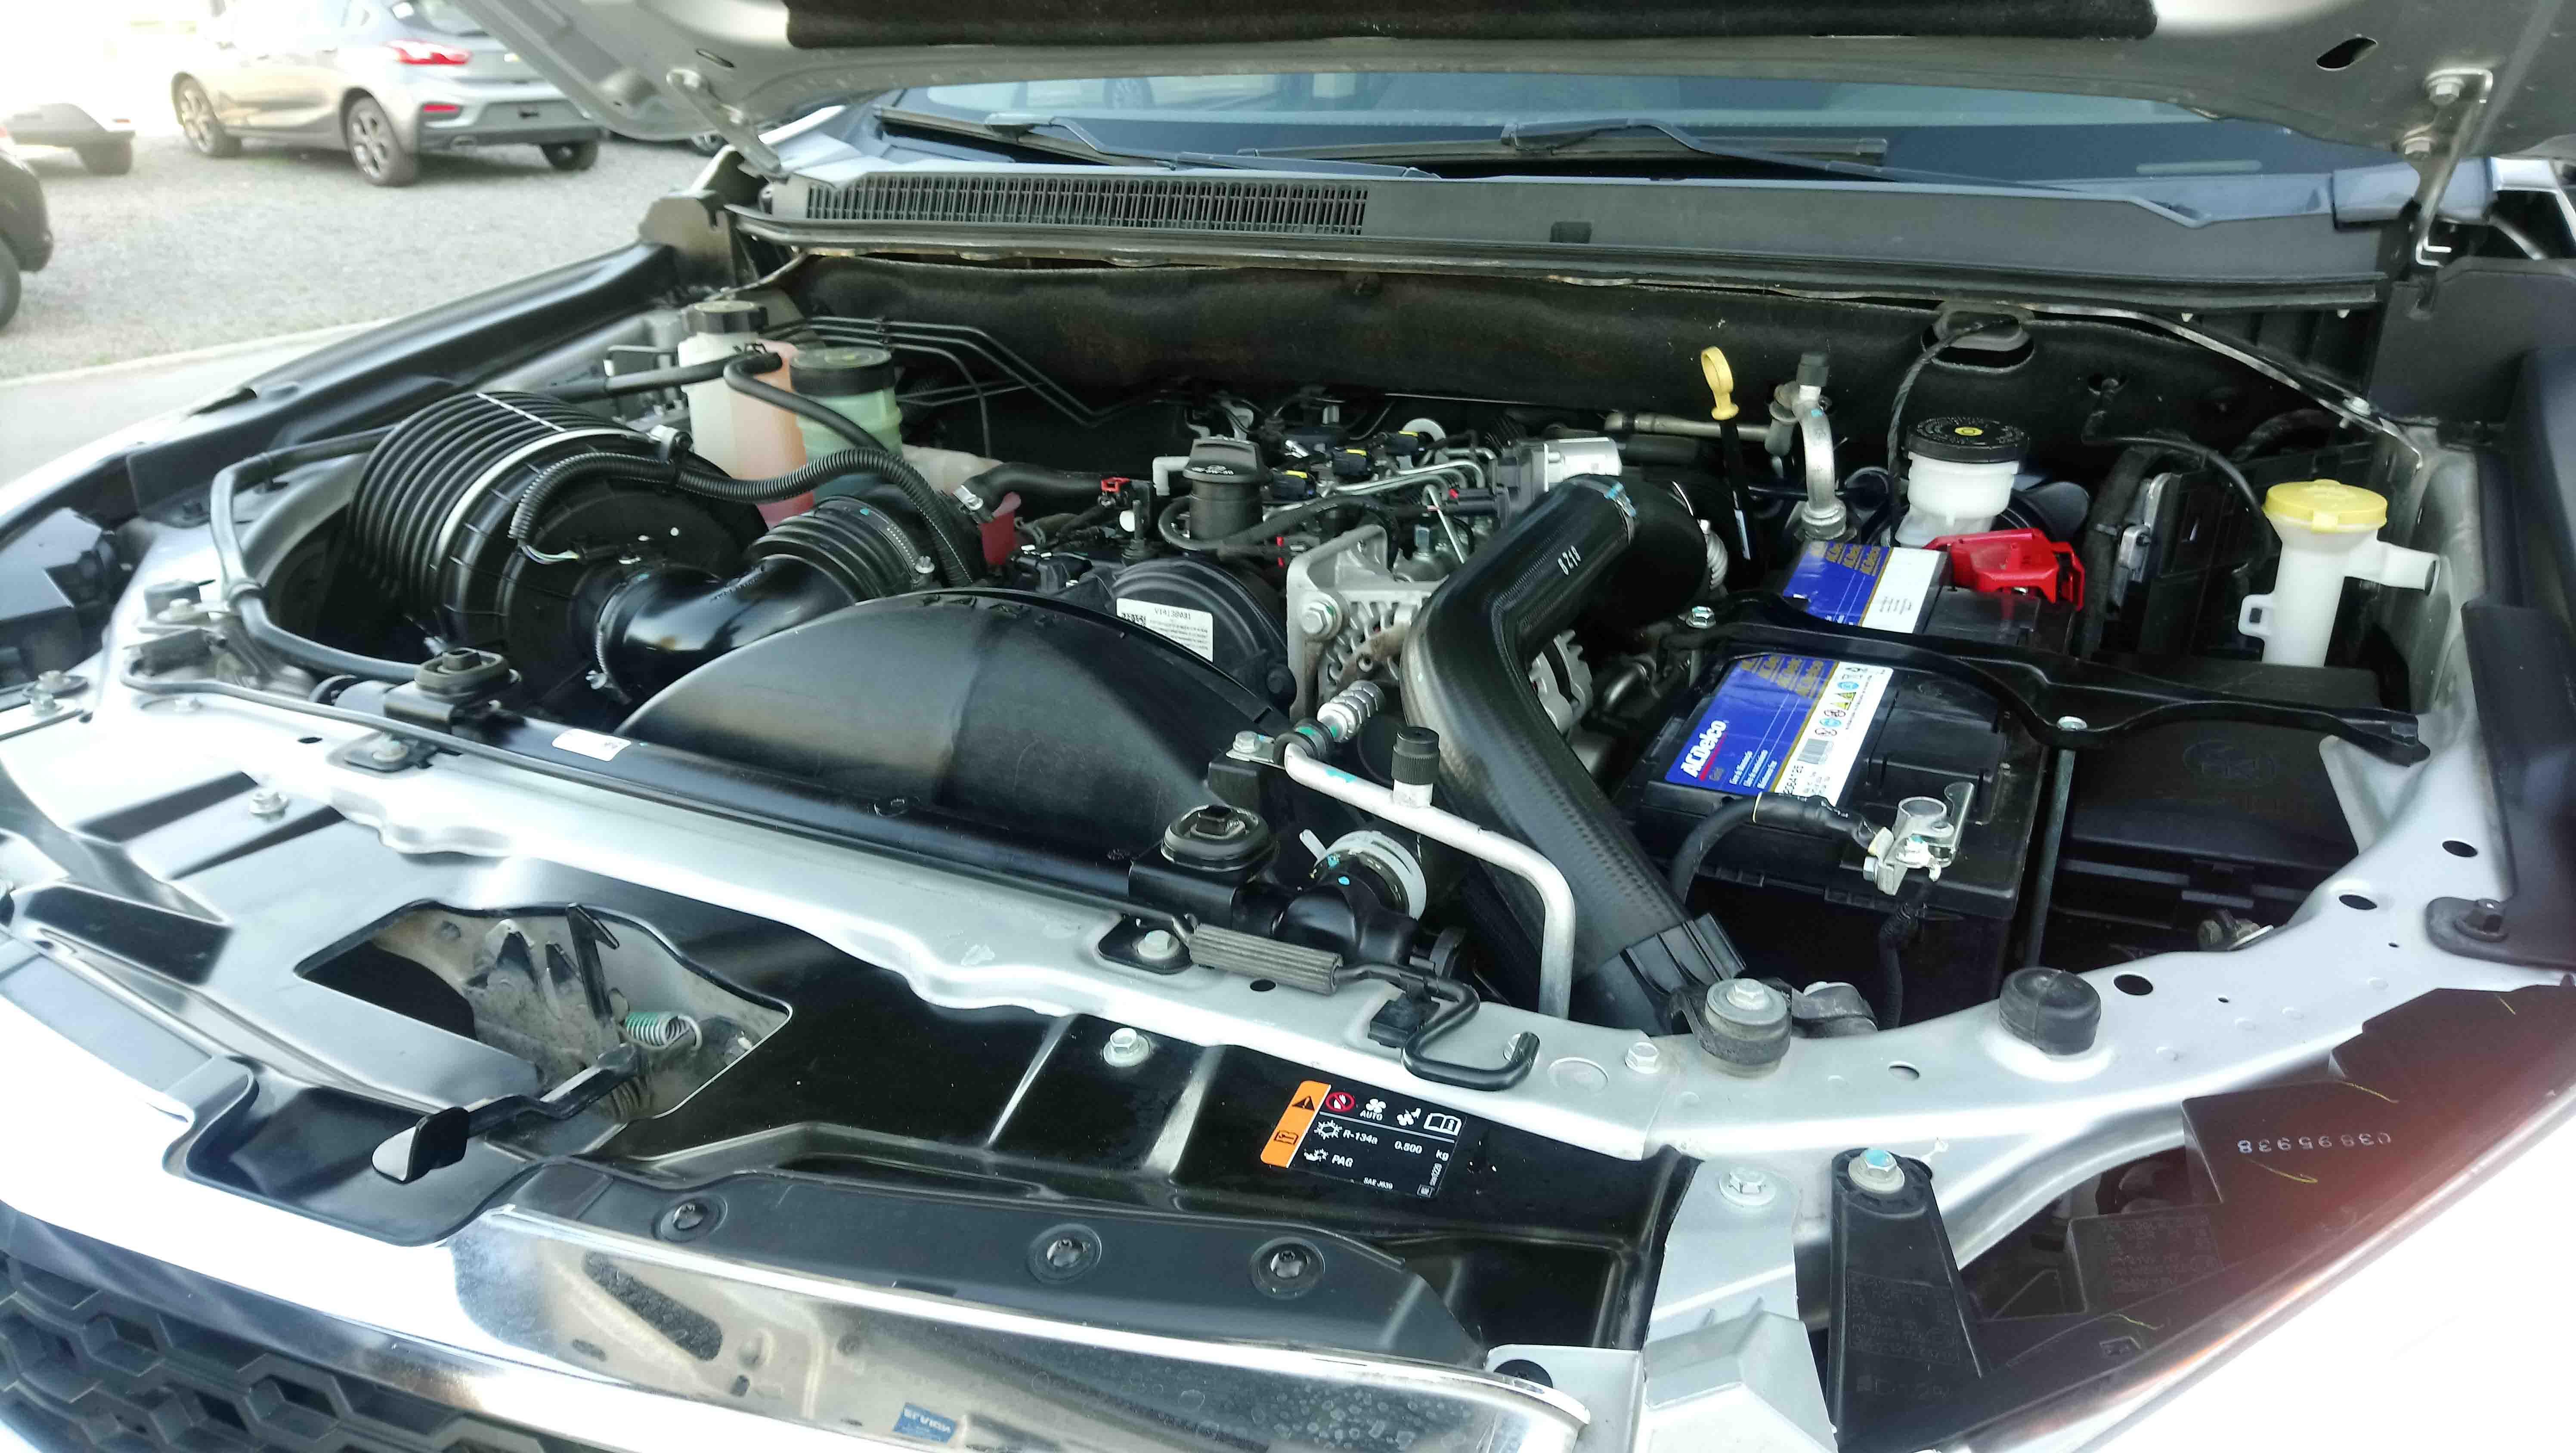 2016 Chevrolet S 10 CC 4x2 LS 2.8L